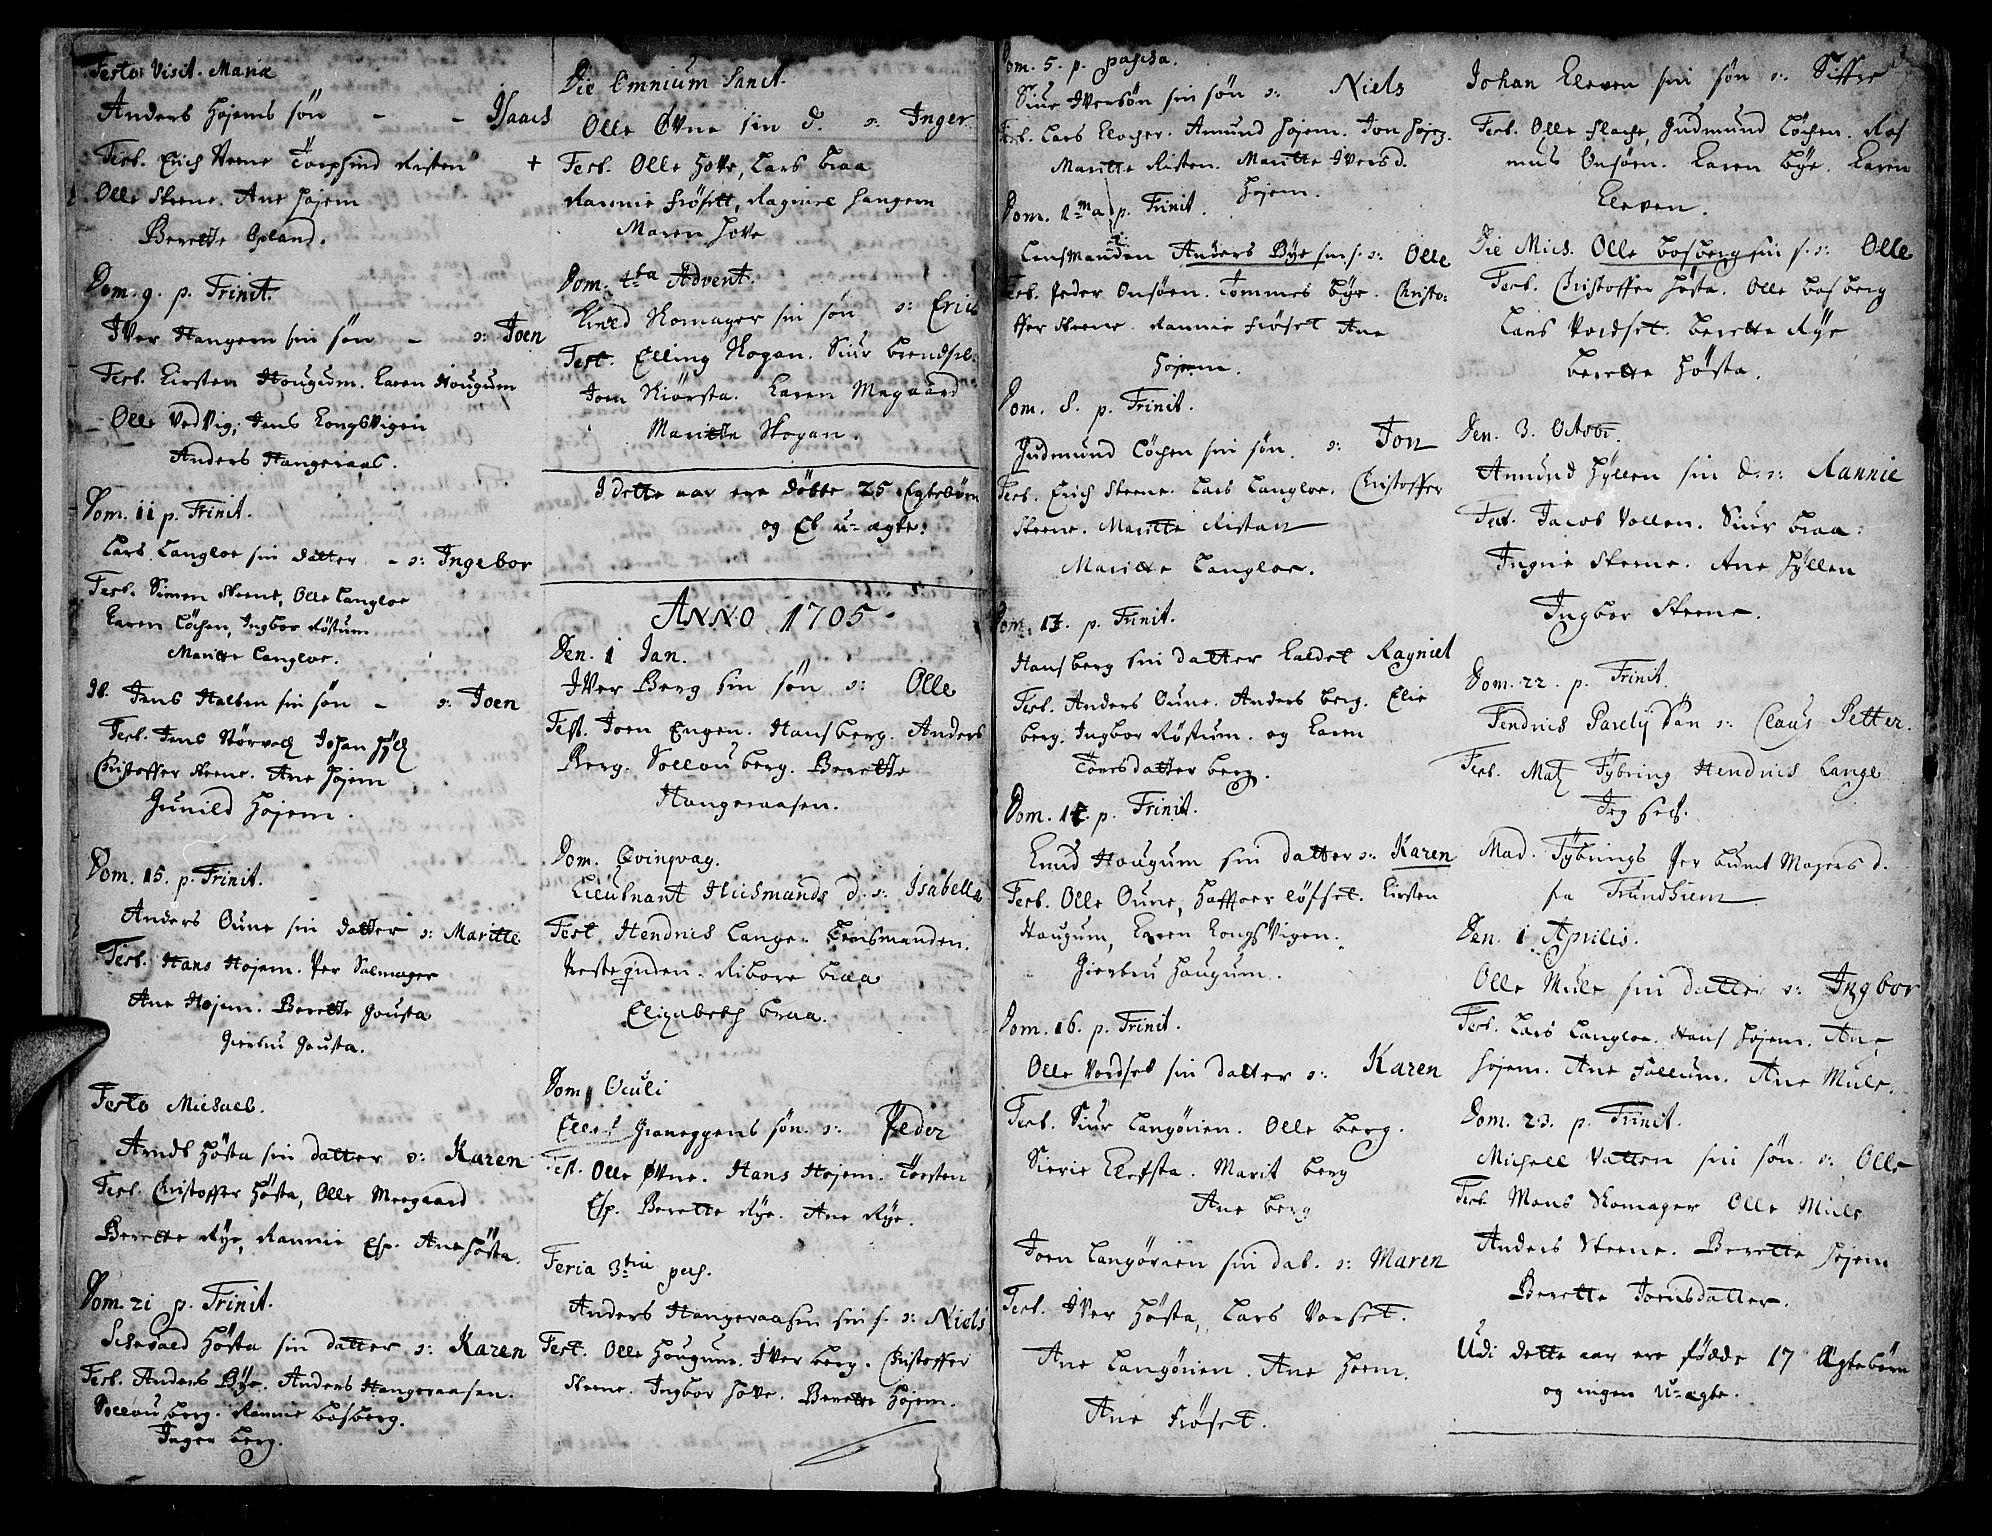 SAT, Ministerialprotokoller, klokkerbøker og fødselsregistre - Sør-Trøndelag, 612/L0368: Ministerialbok nr. 612A02, 1702-1753, s. 3